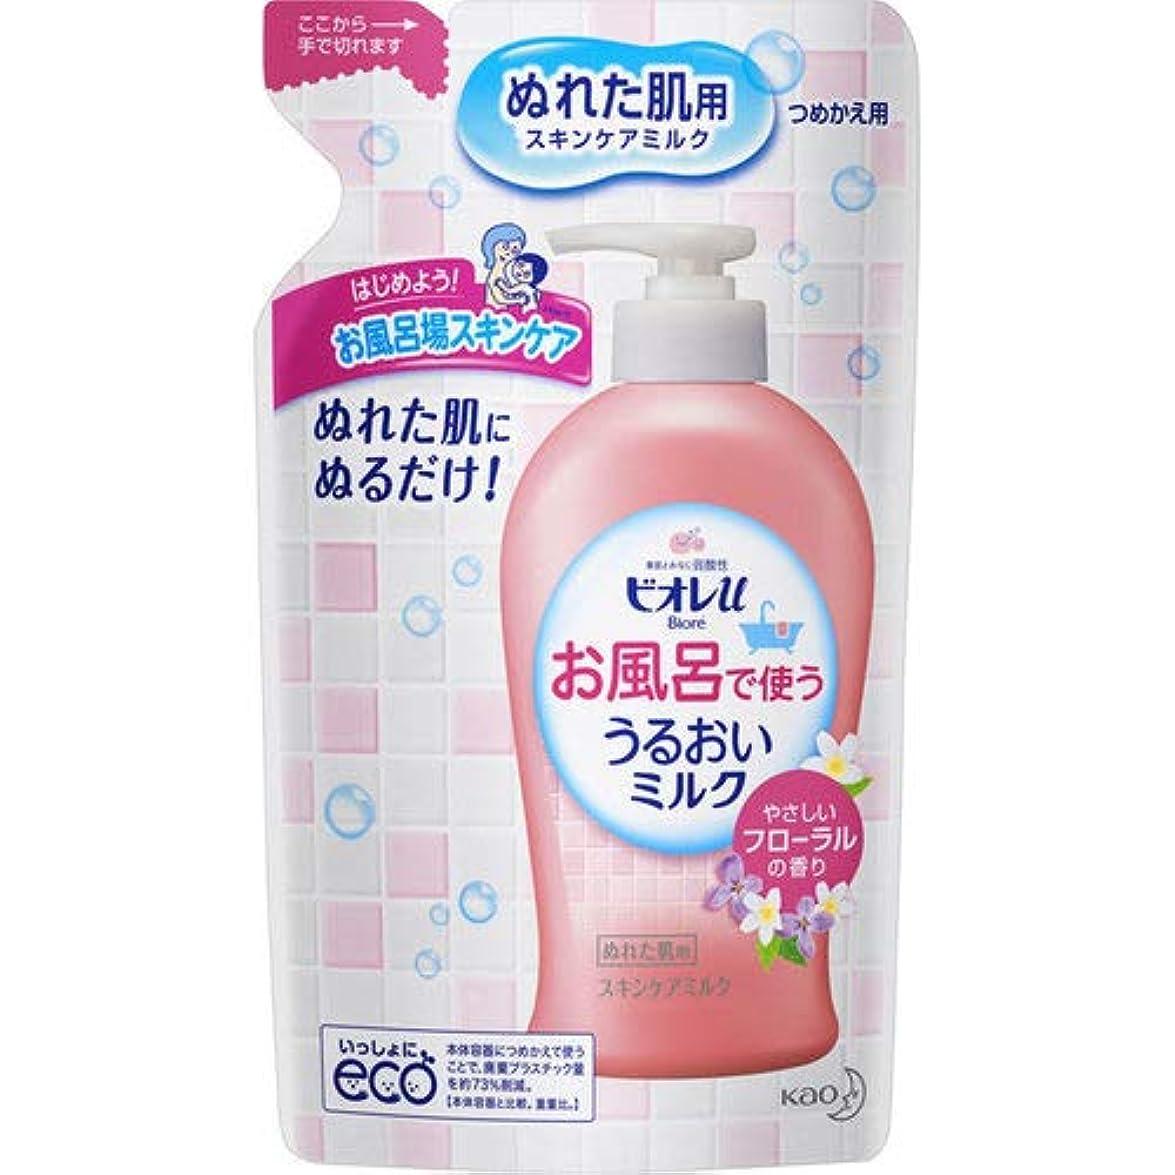 閉じるバーチャルアームストロングビオレu お風呂で使ううるおいミルク フローラル つめかえ用 250mL